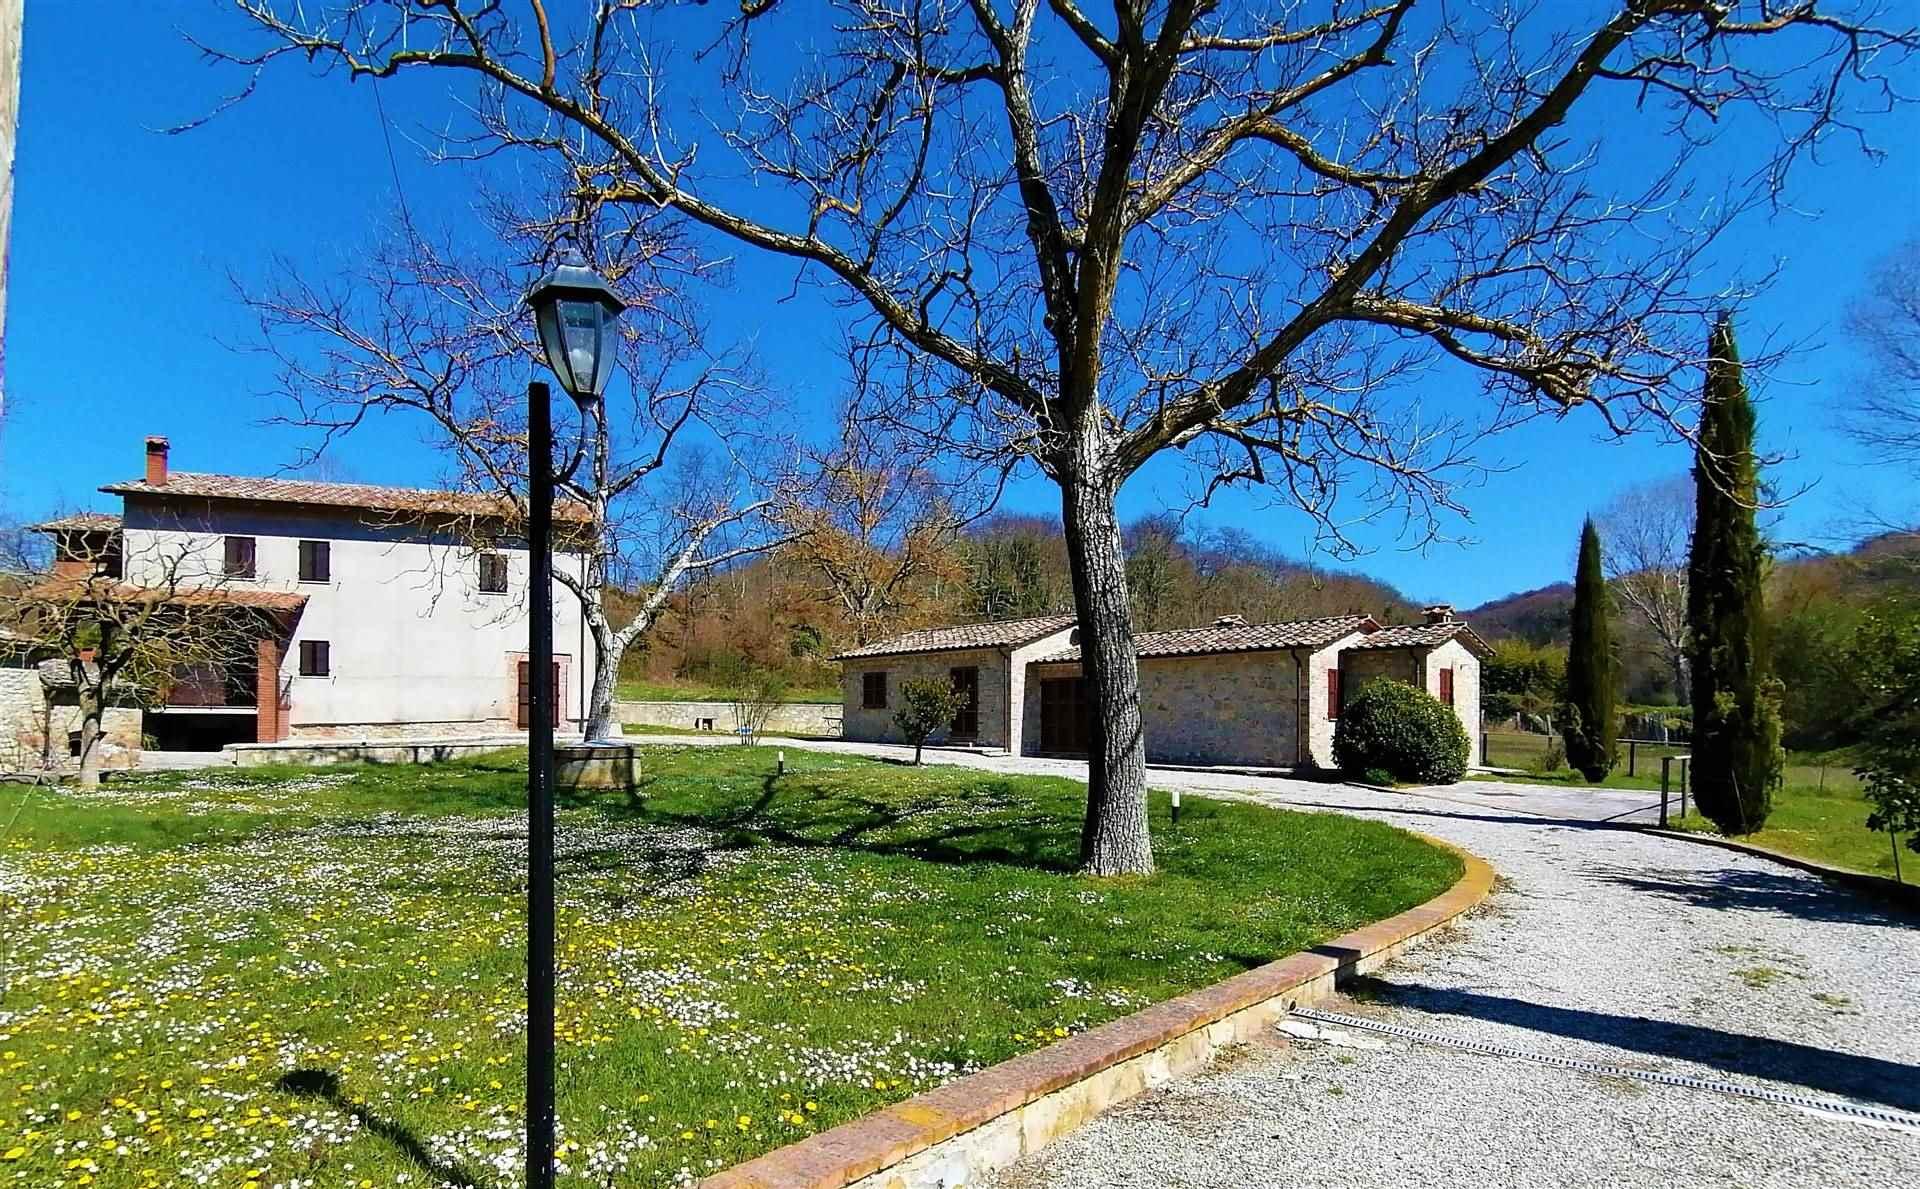 Rustico / Casale in vendita a Monteleone d'Orvieto, 6 locali, zona Zona: Santa Maria, prezzo € 320.000   CambioCasa.it